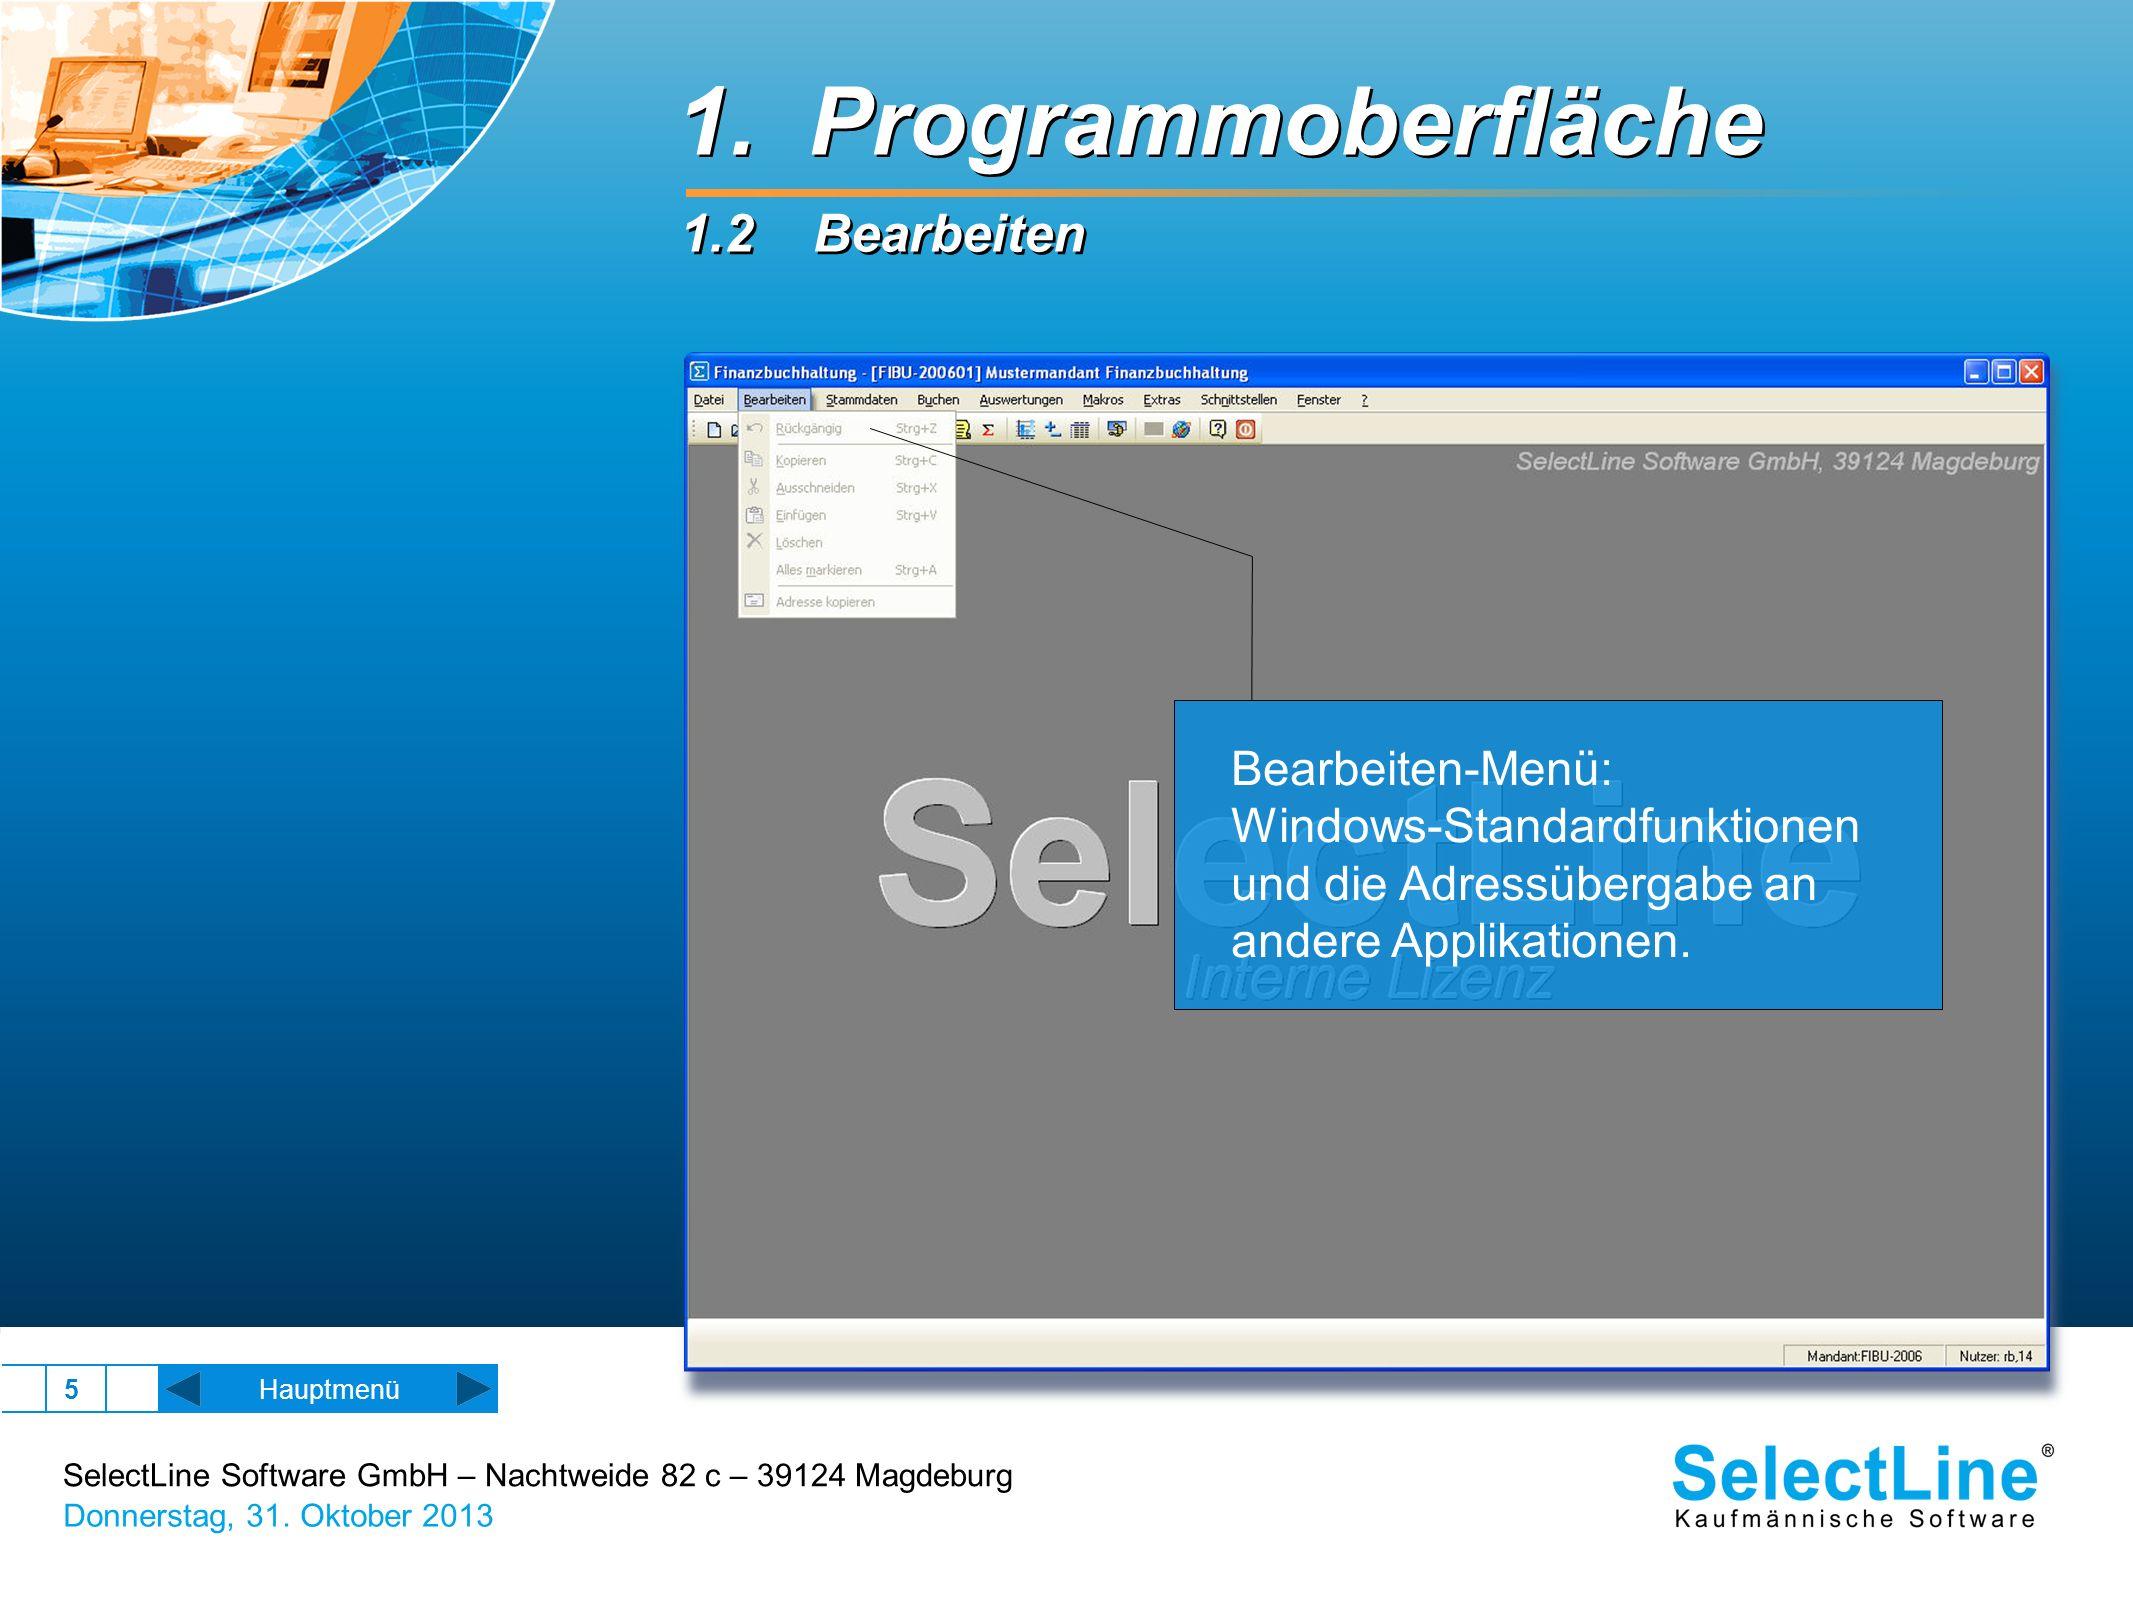 SelectLine Software GmbH – Nachtweide 82 c – 39124 Magdeburg Donnerstag, 31. Oktober 2013 5 Hauptmenü Bearbeiten-Menü: Windows-Standardfunktionen und